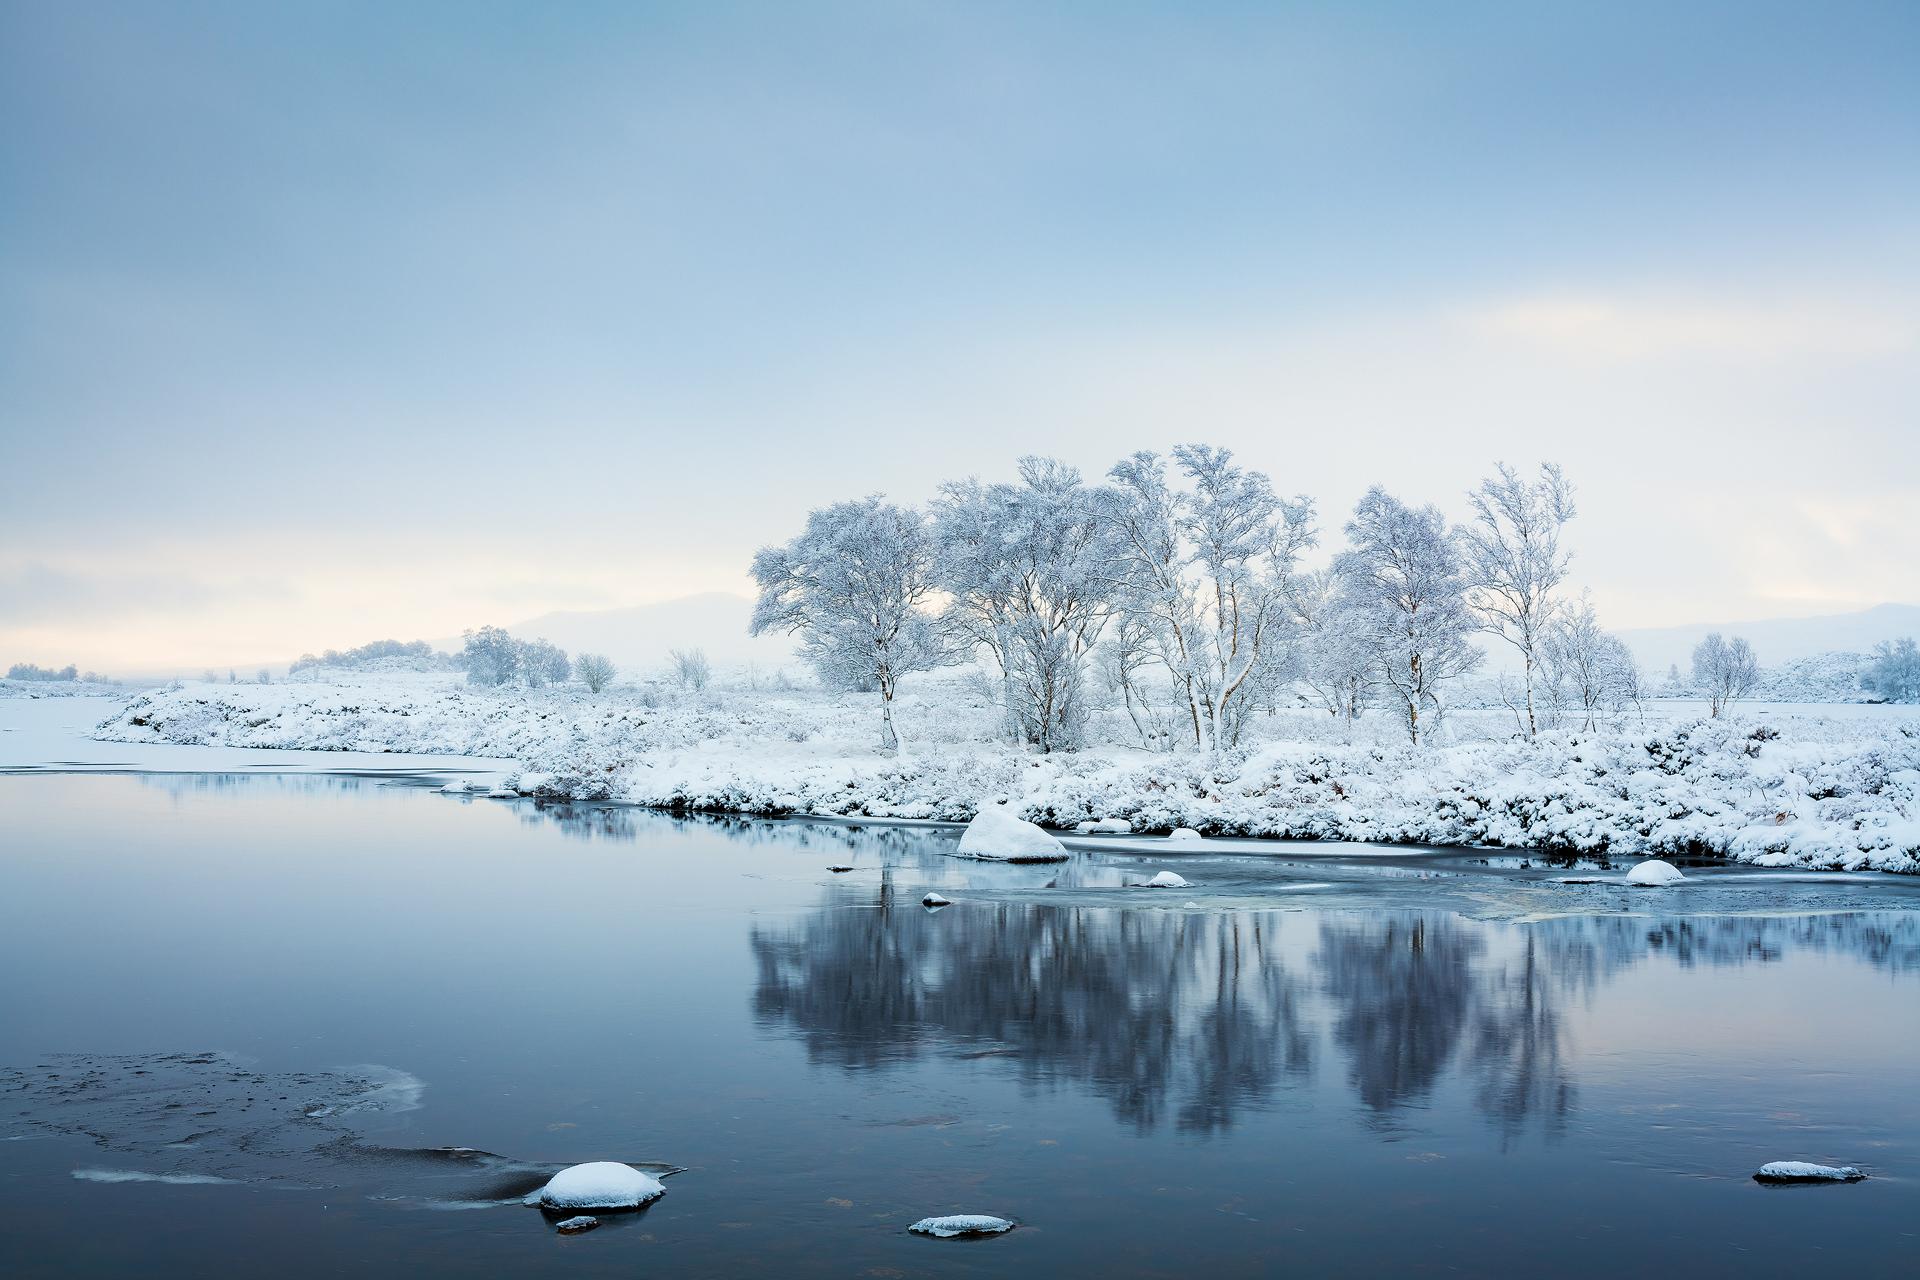 Winter's Morning, Rannoch Moor